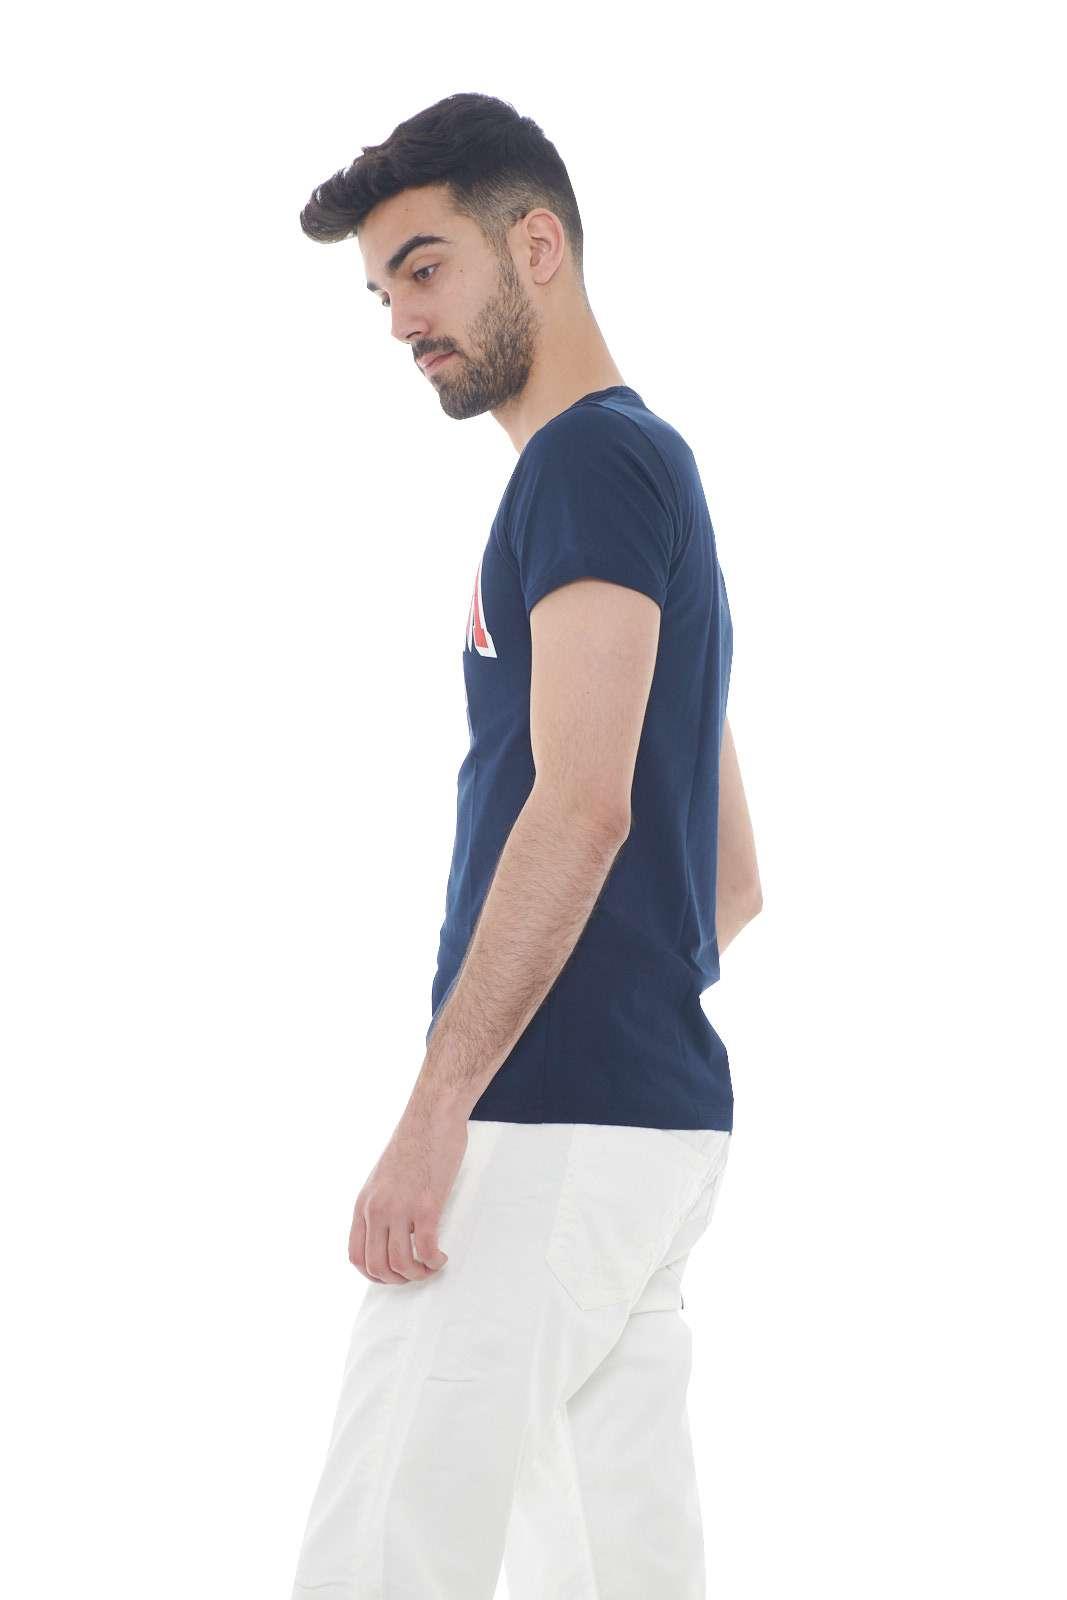 https://www.parmax.com/media/catalog/product/a/i/PE-outlet_parmax-t-shirt-Museum-MS19BEU-B.jpg